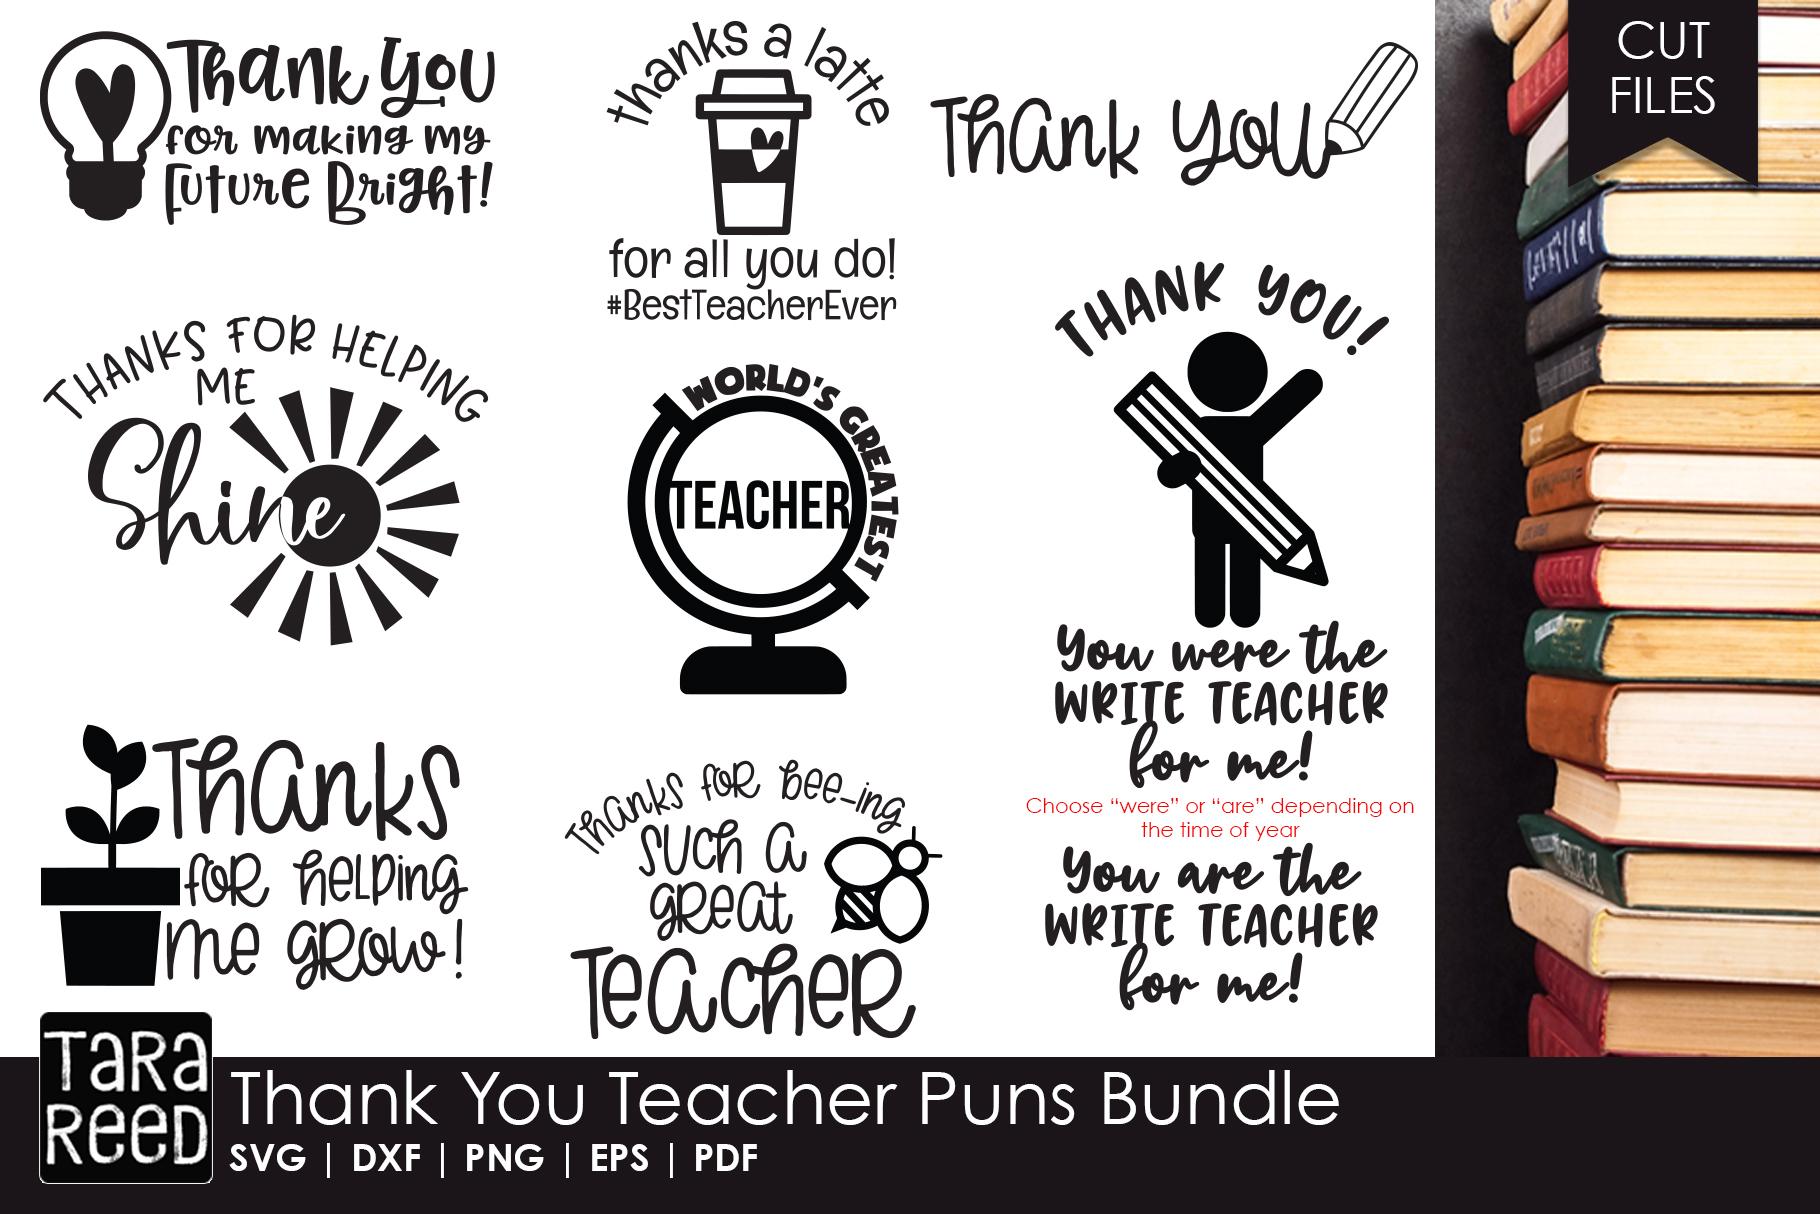 Thank You Teacher Puns - Teacher SVG files for Crafters